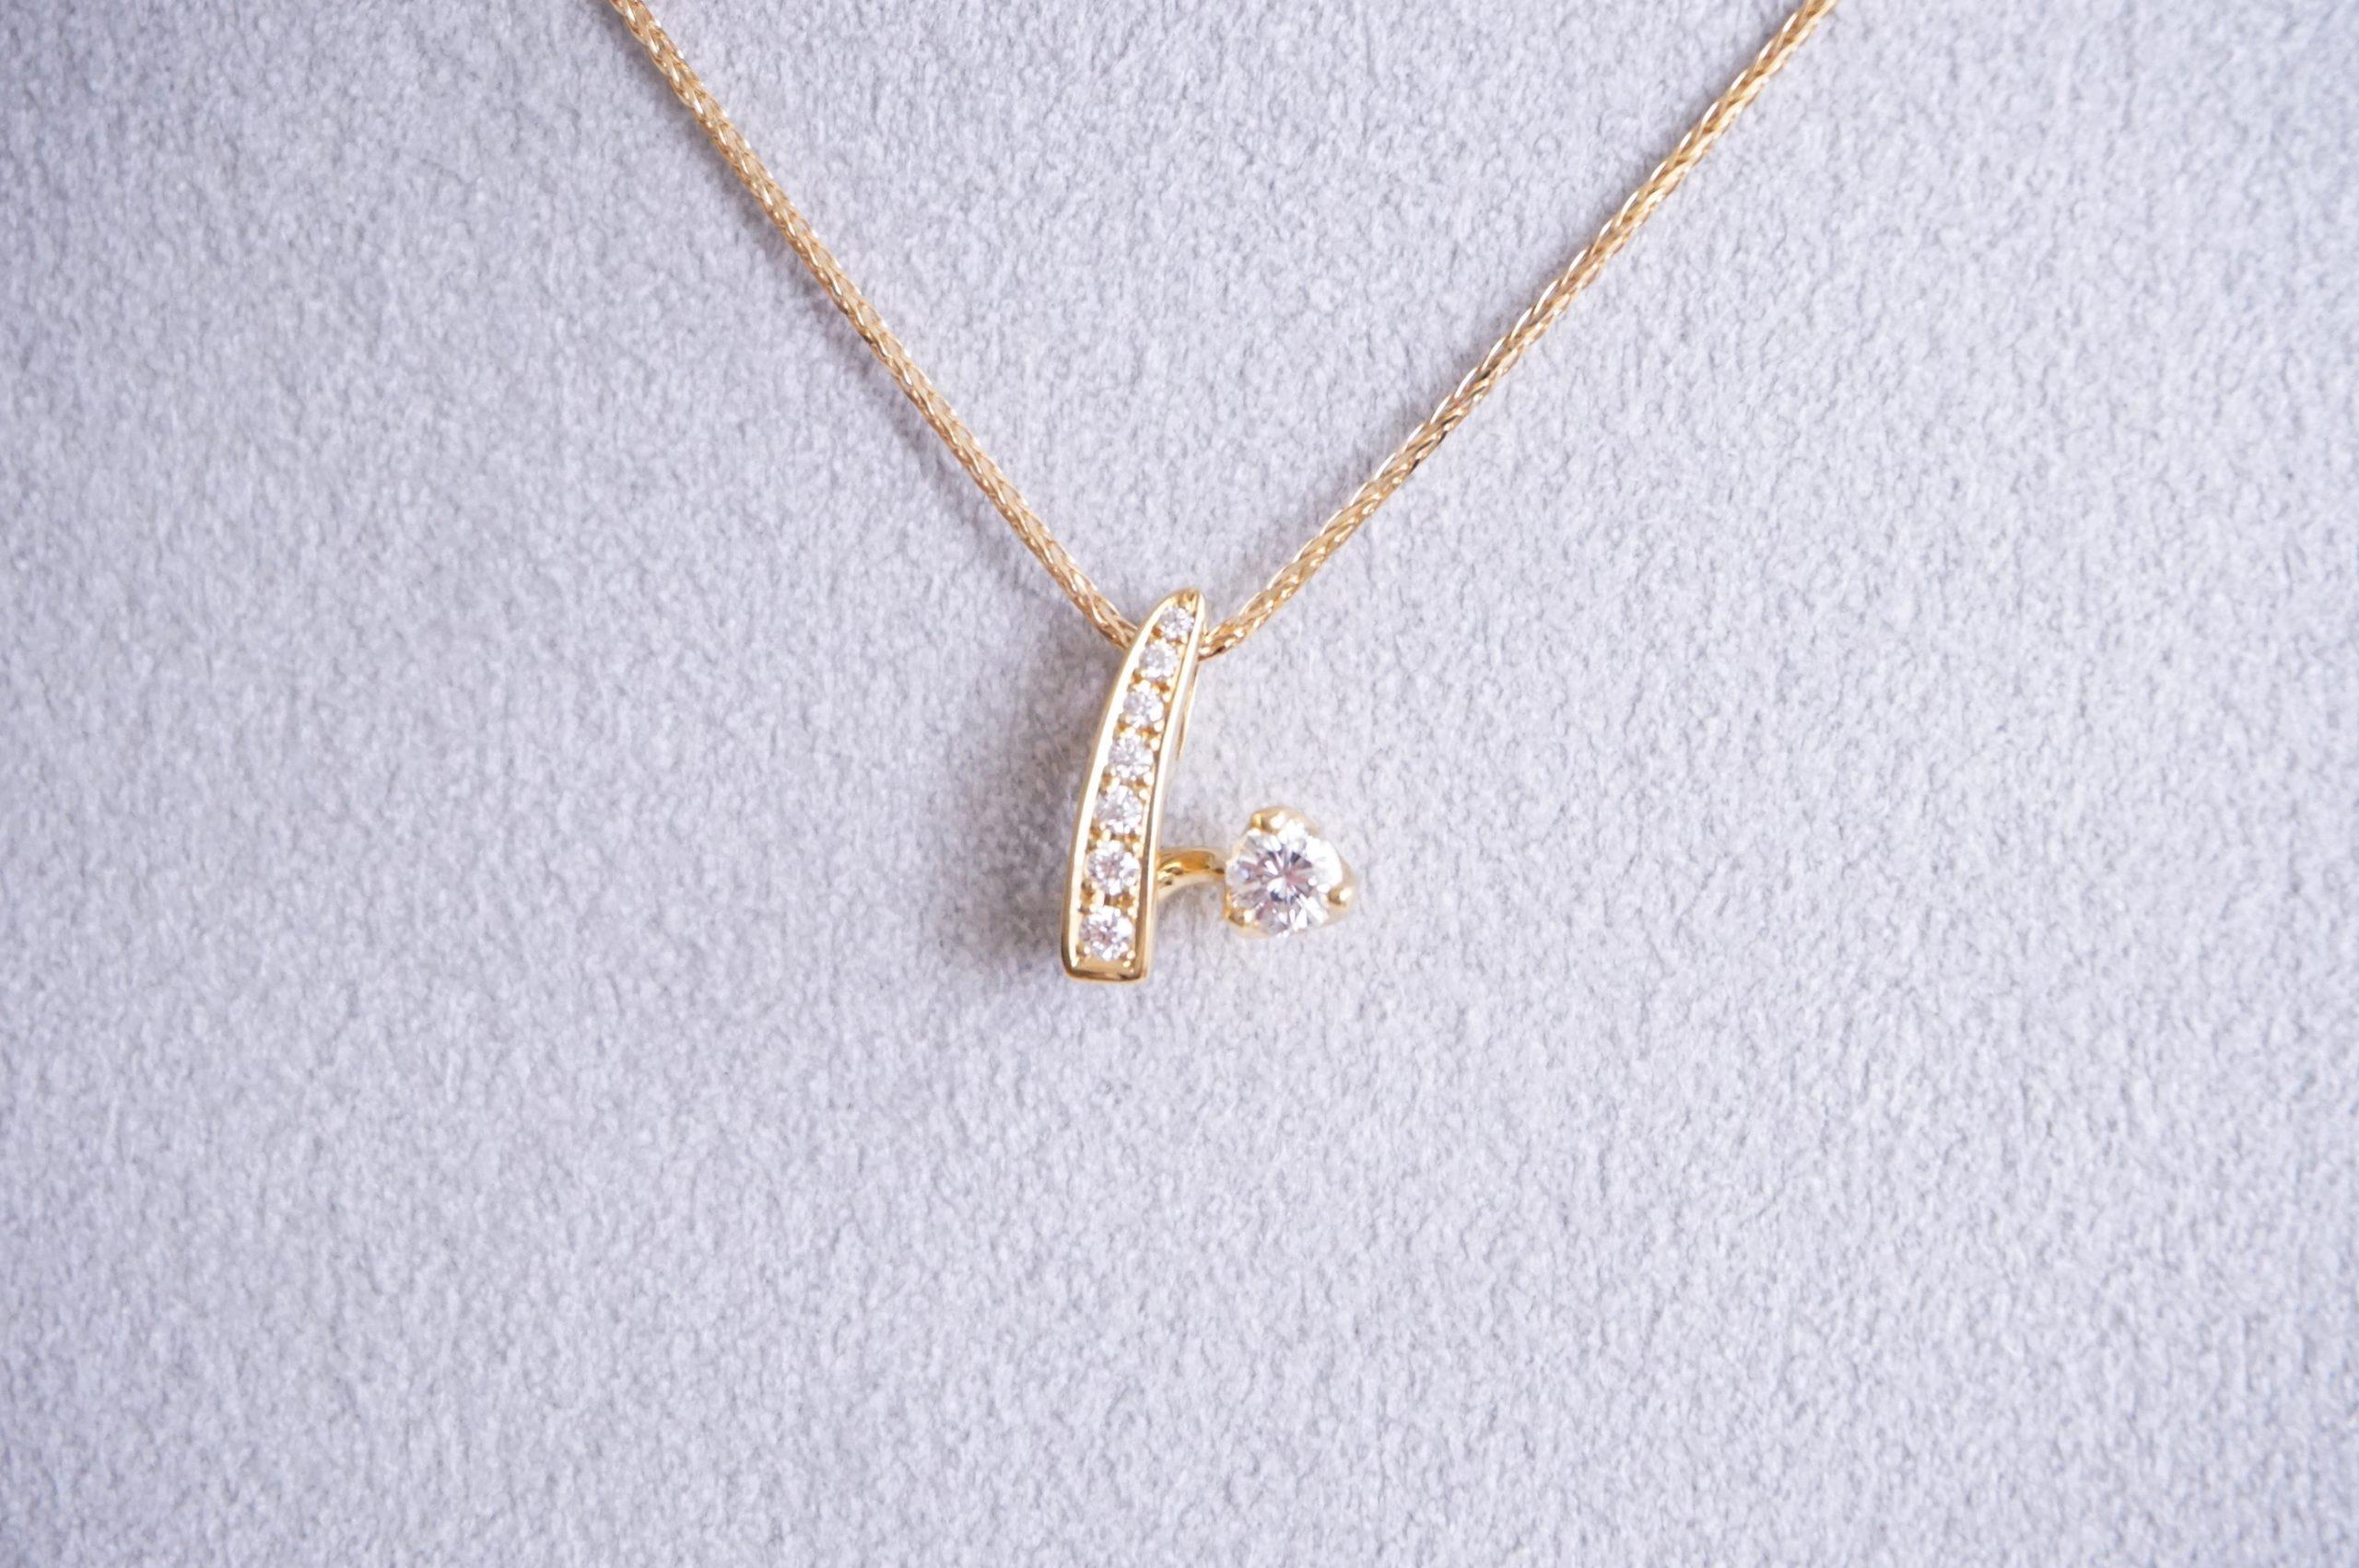 シンプルダイヤモンドペンダント